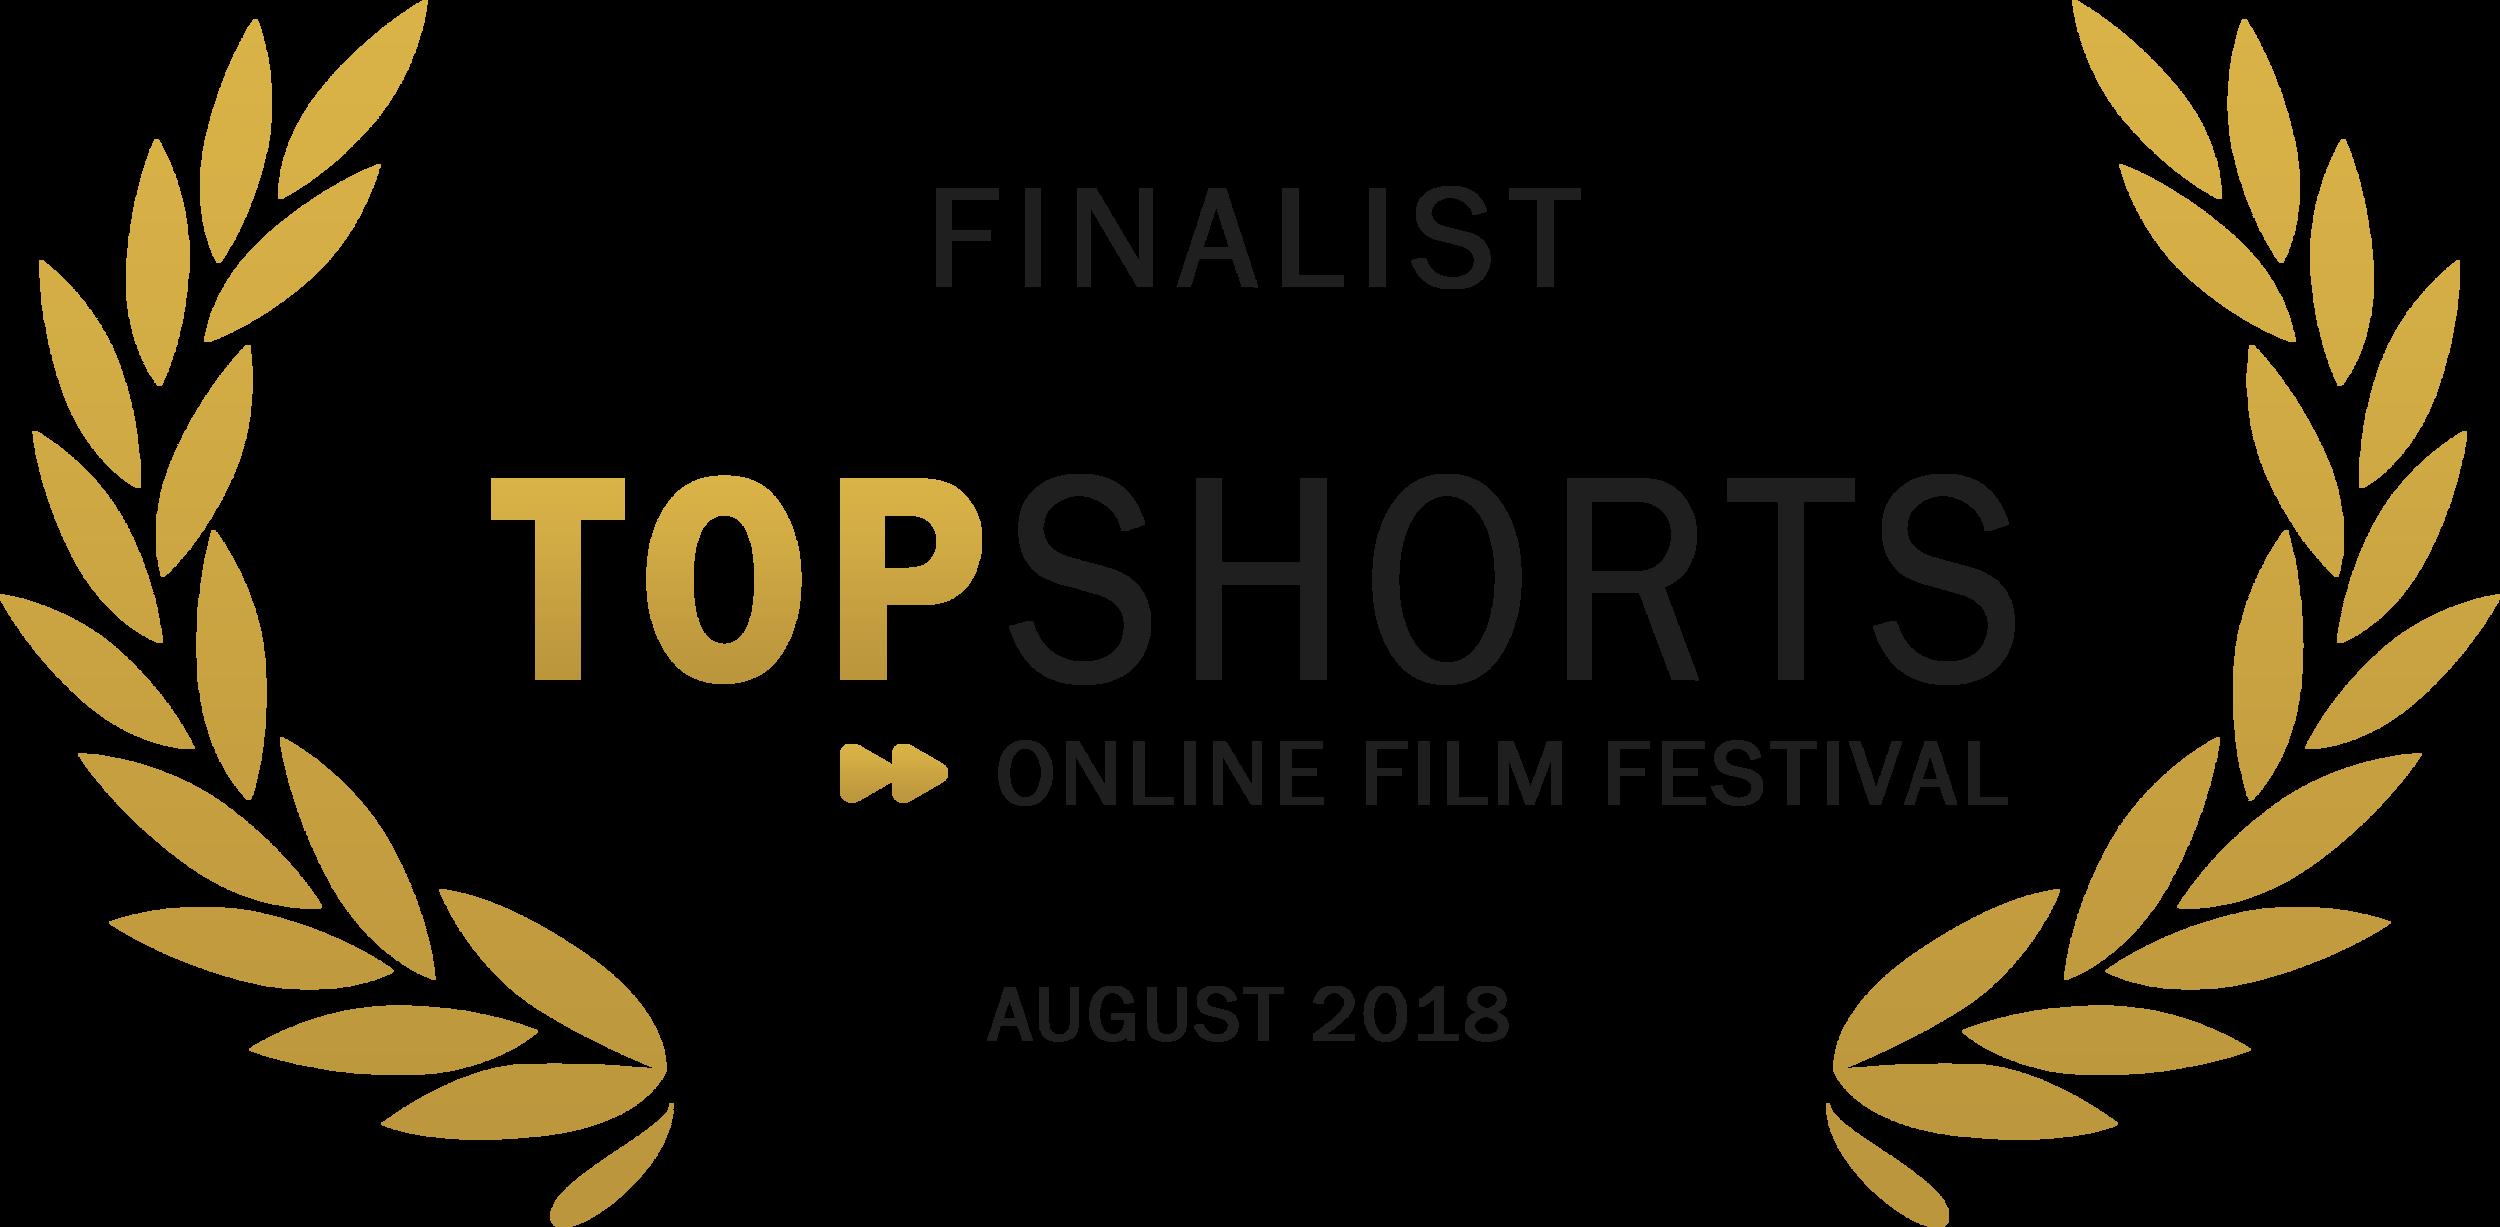 Top_Shorts_Finalist_vector.png